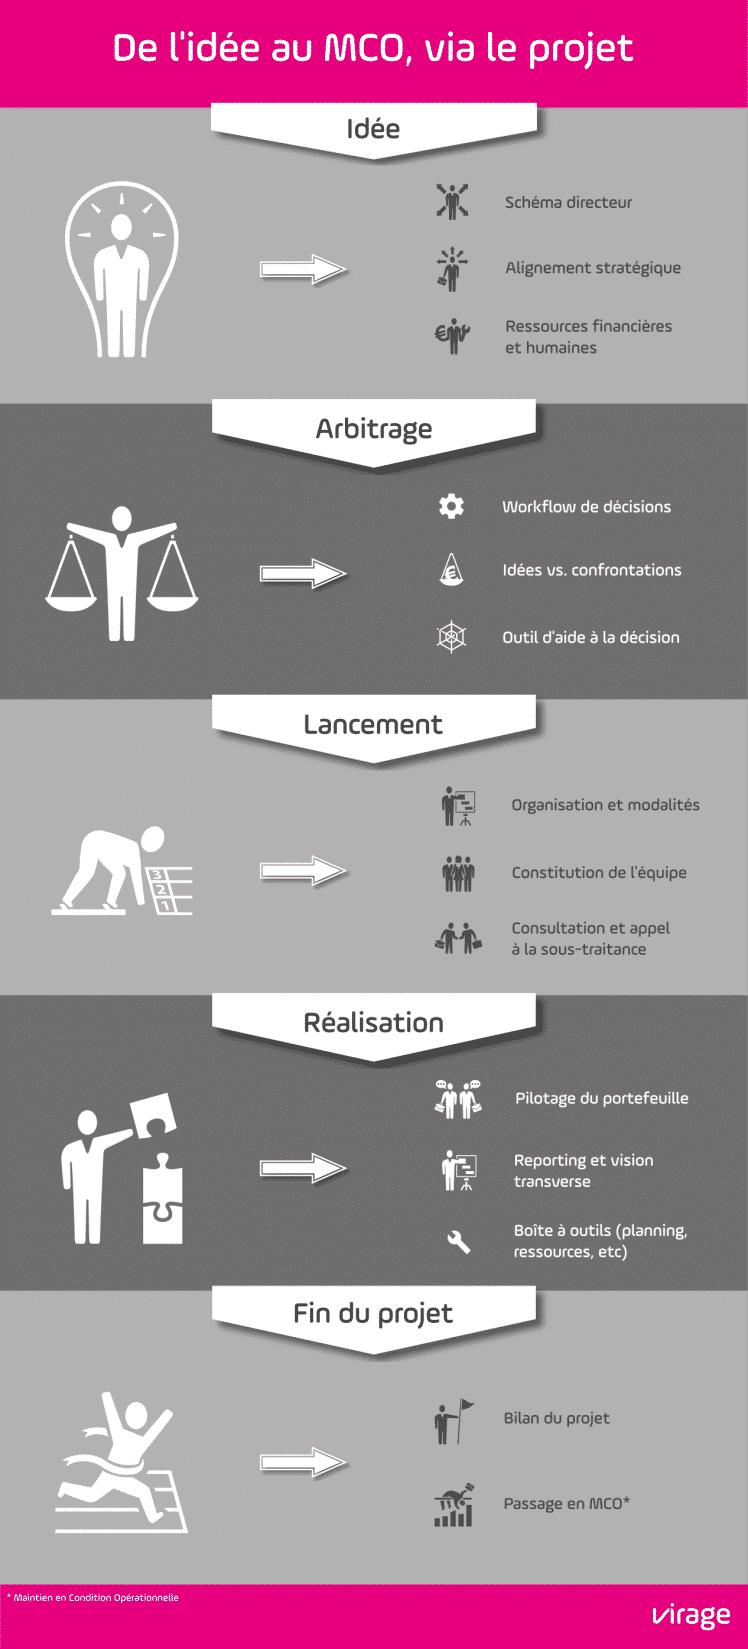 infographie de l'idée au MCO via le projet